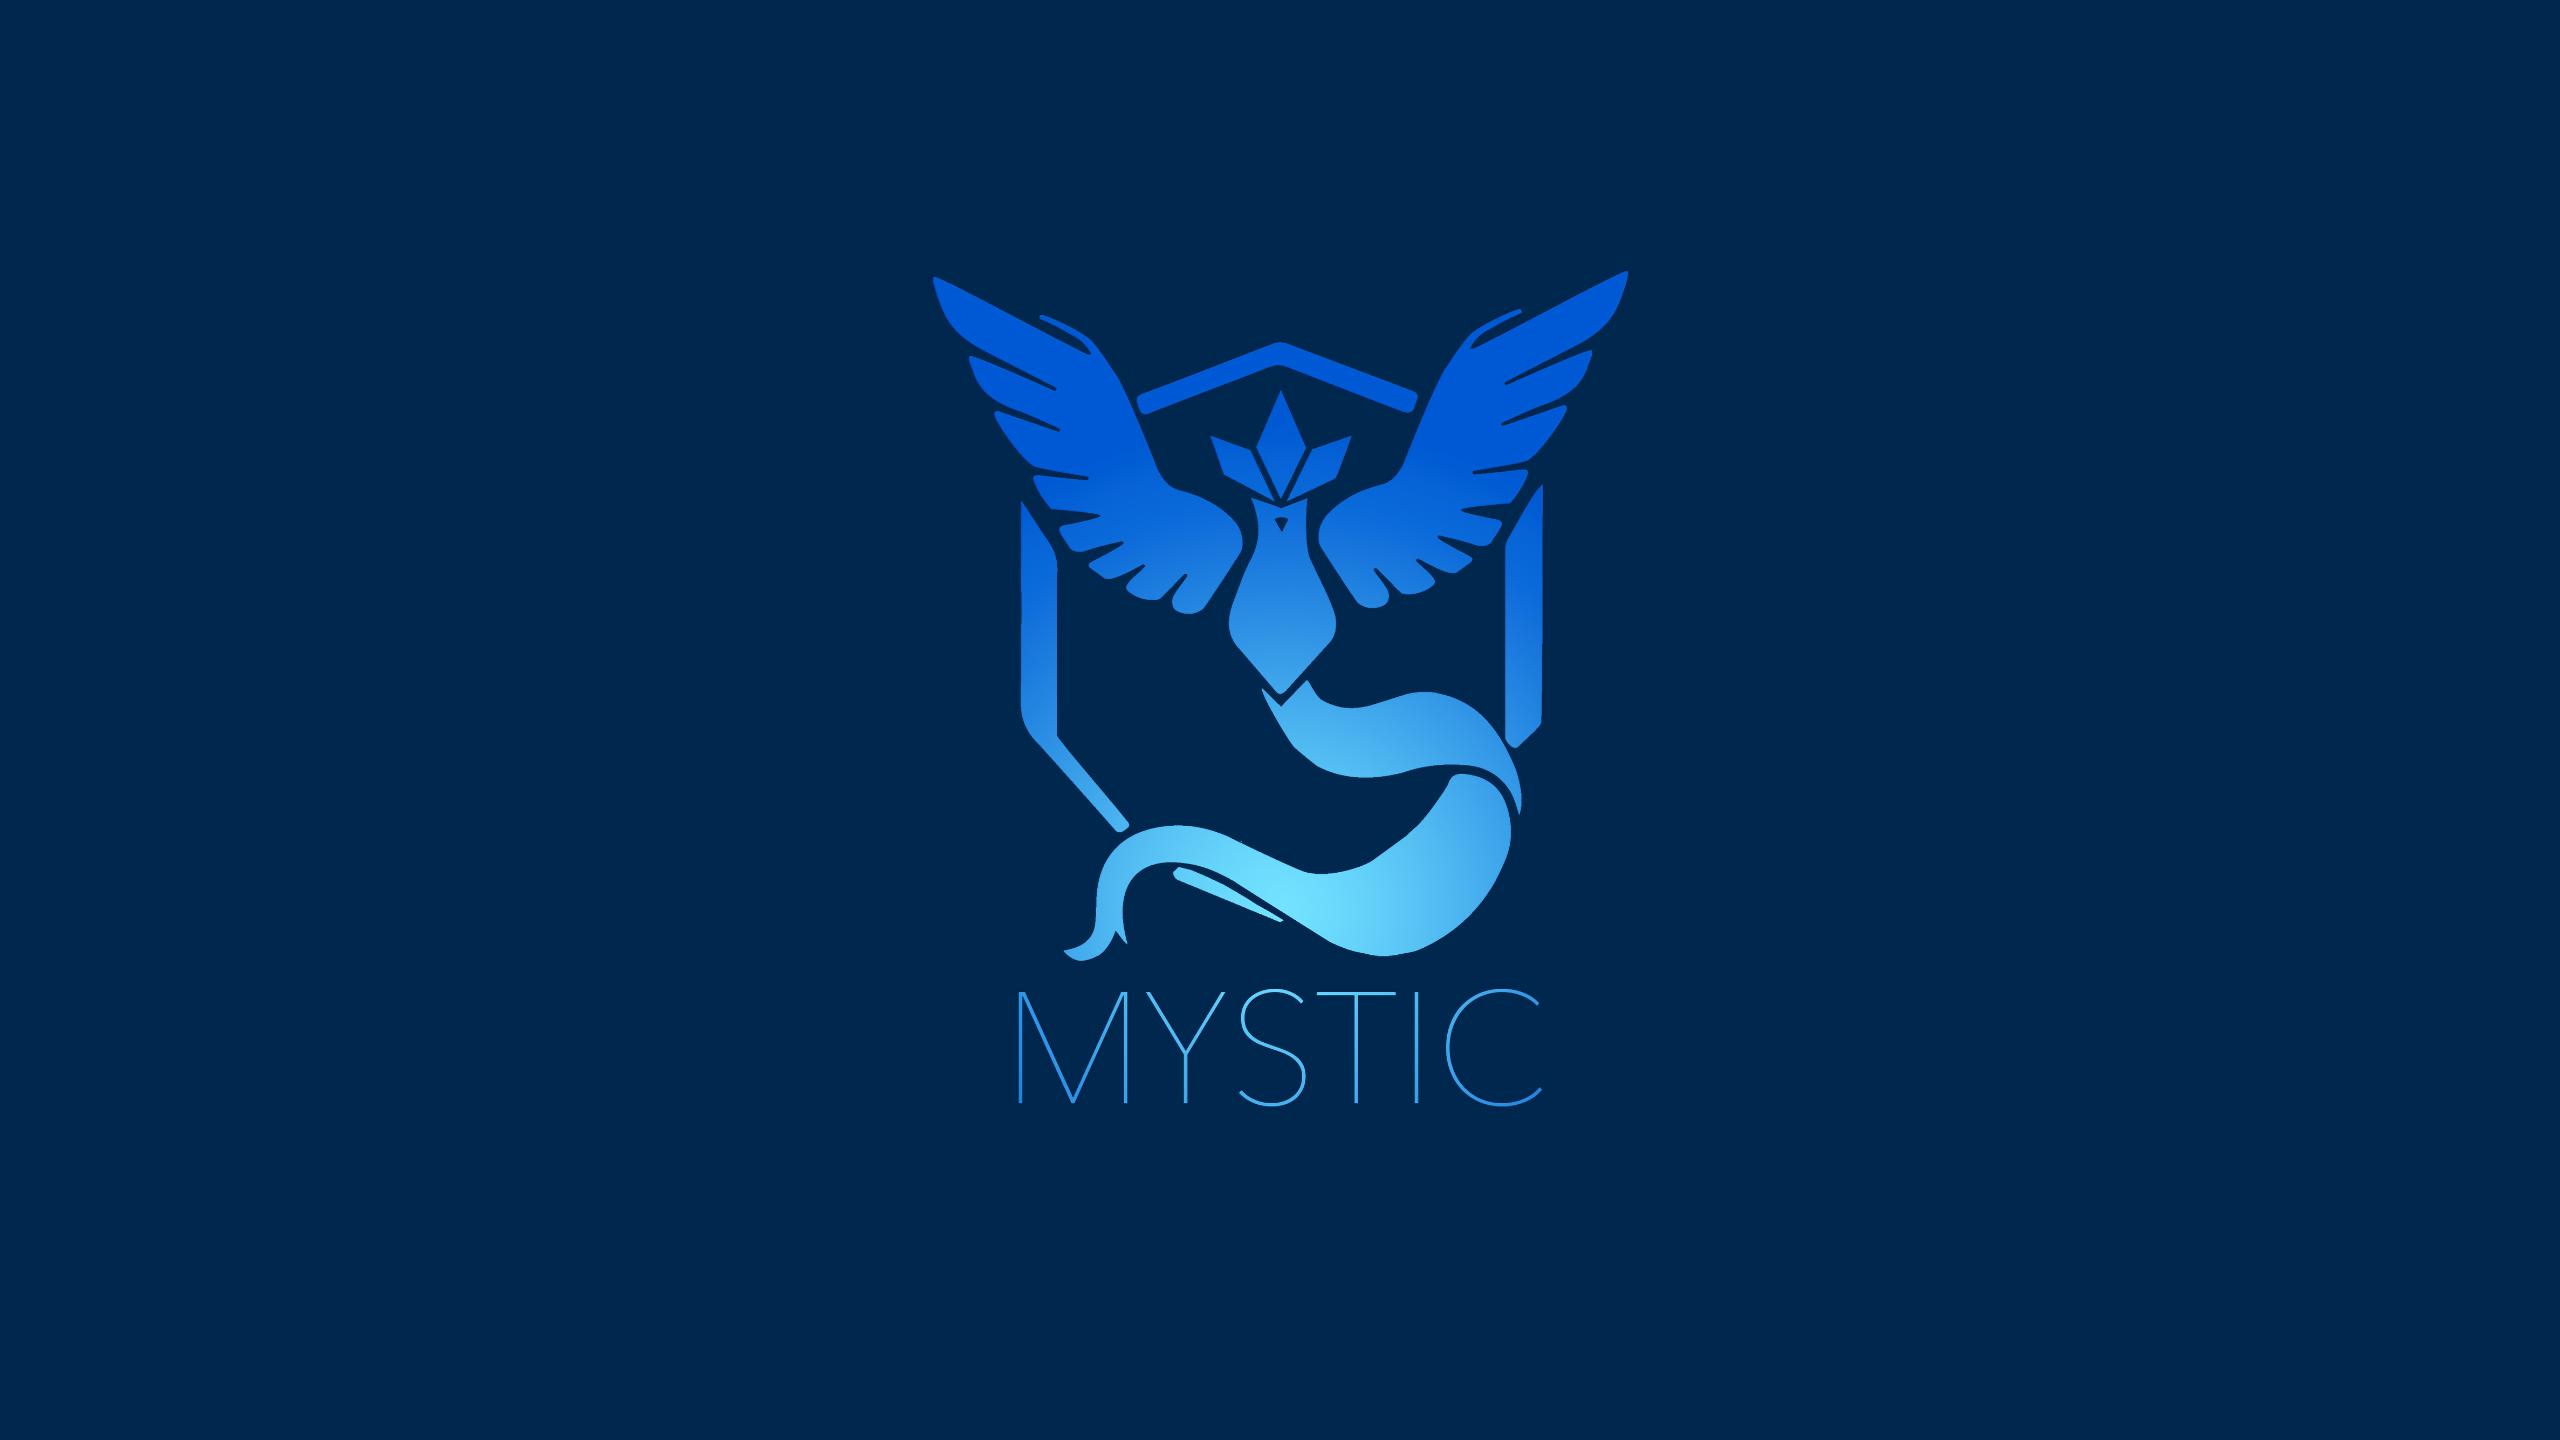 mystic hd desktop wallpaper - photo #28